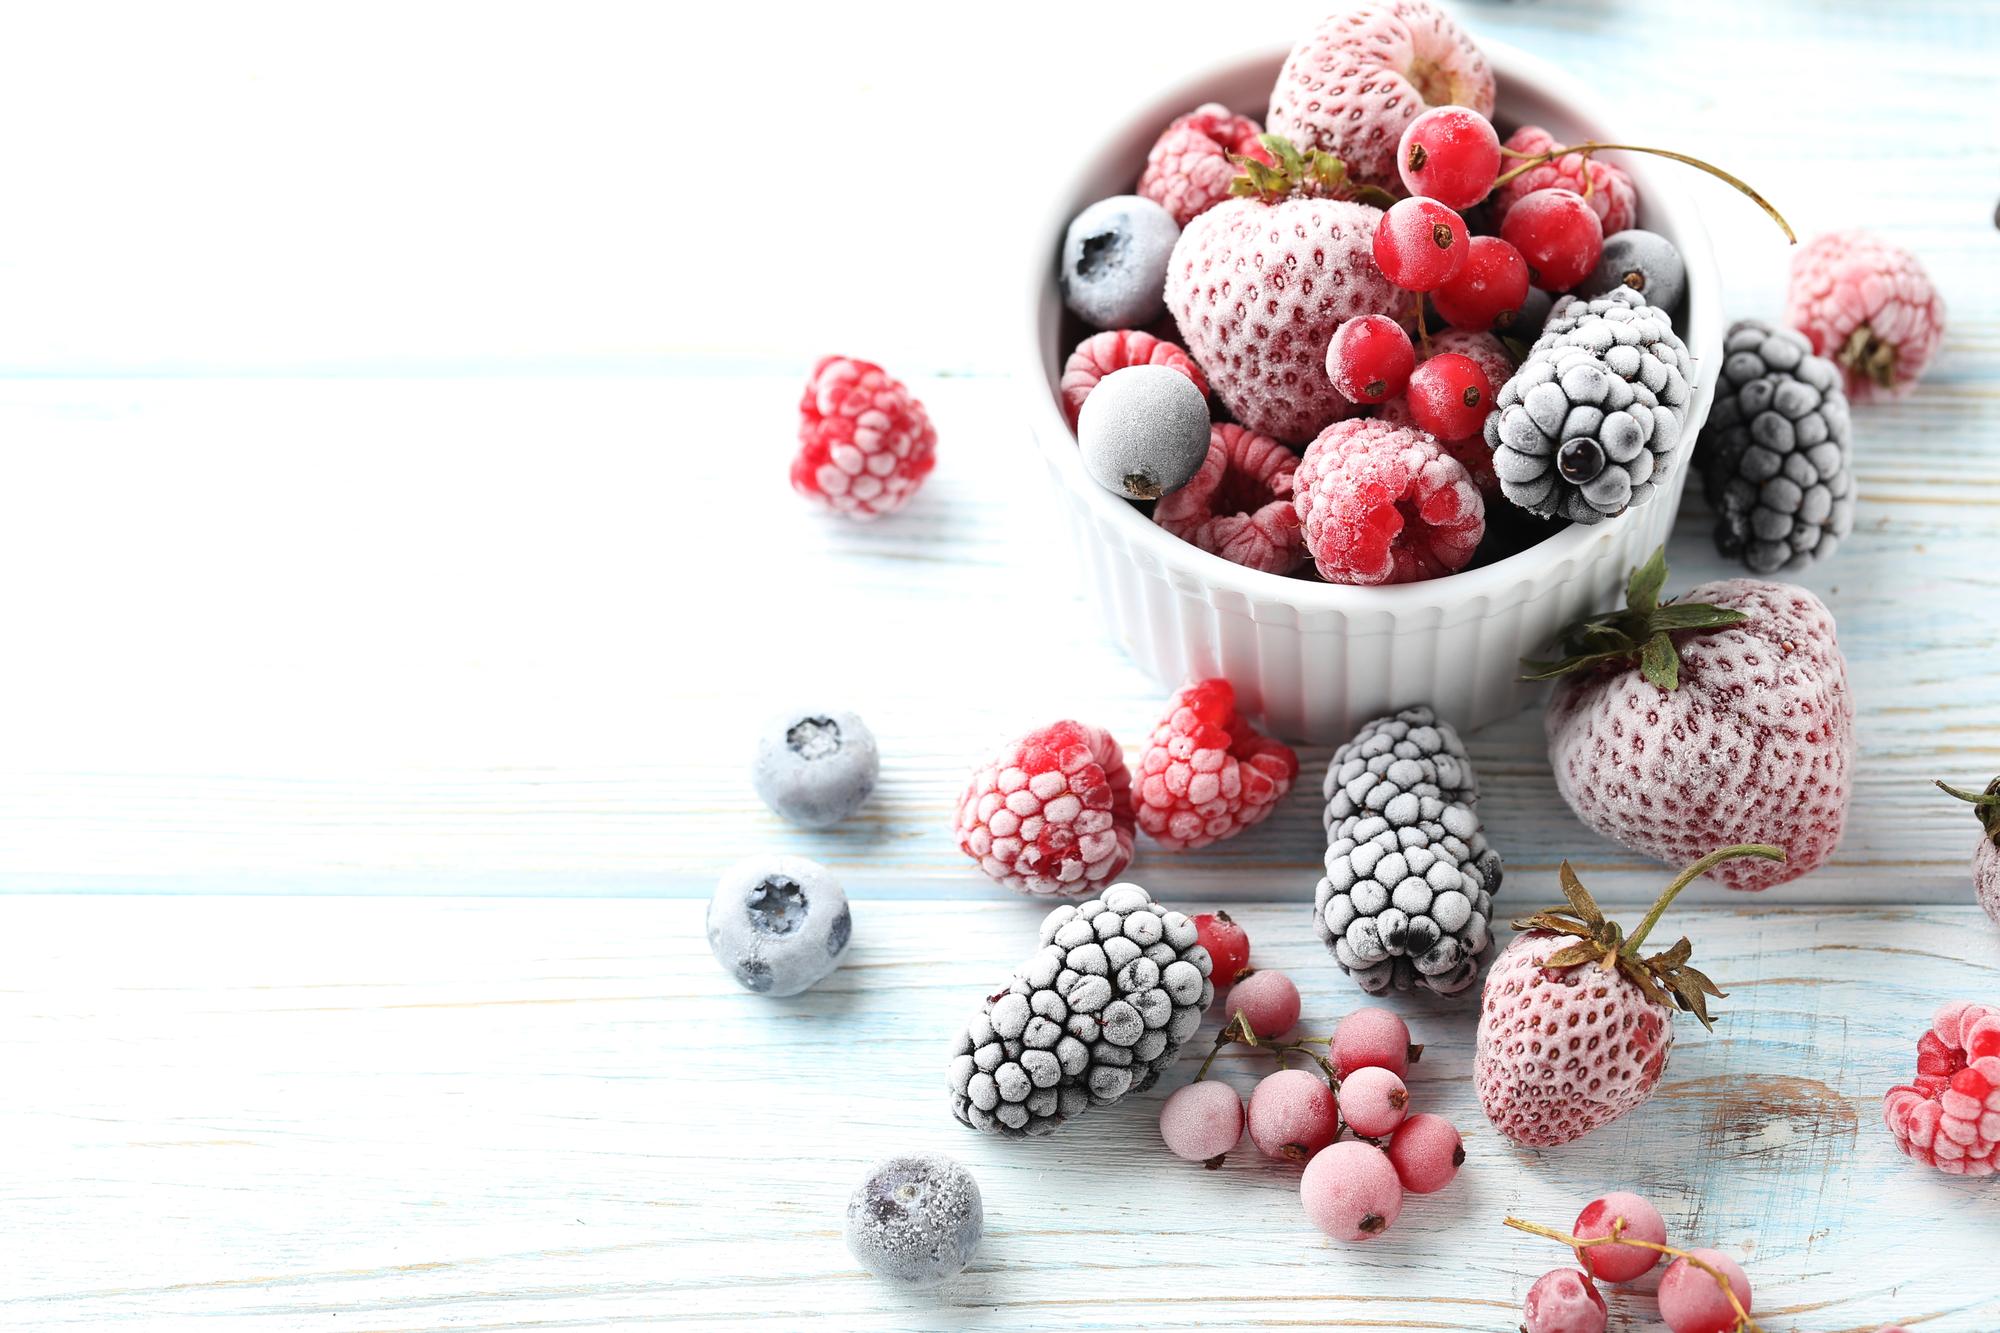 Как замораживать ягоды и фрукты в домашних условиях